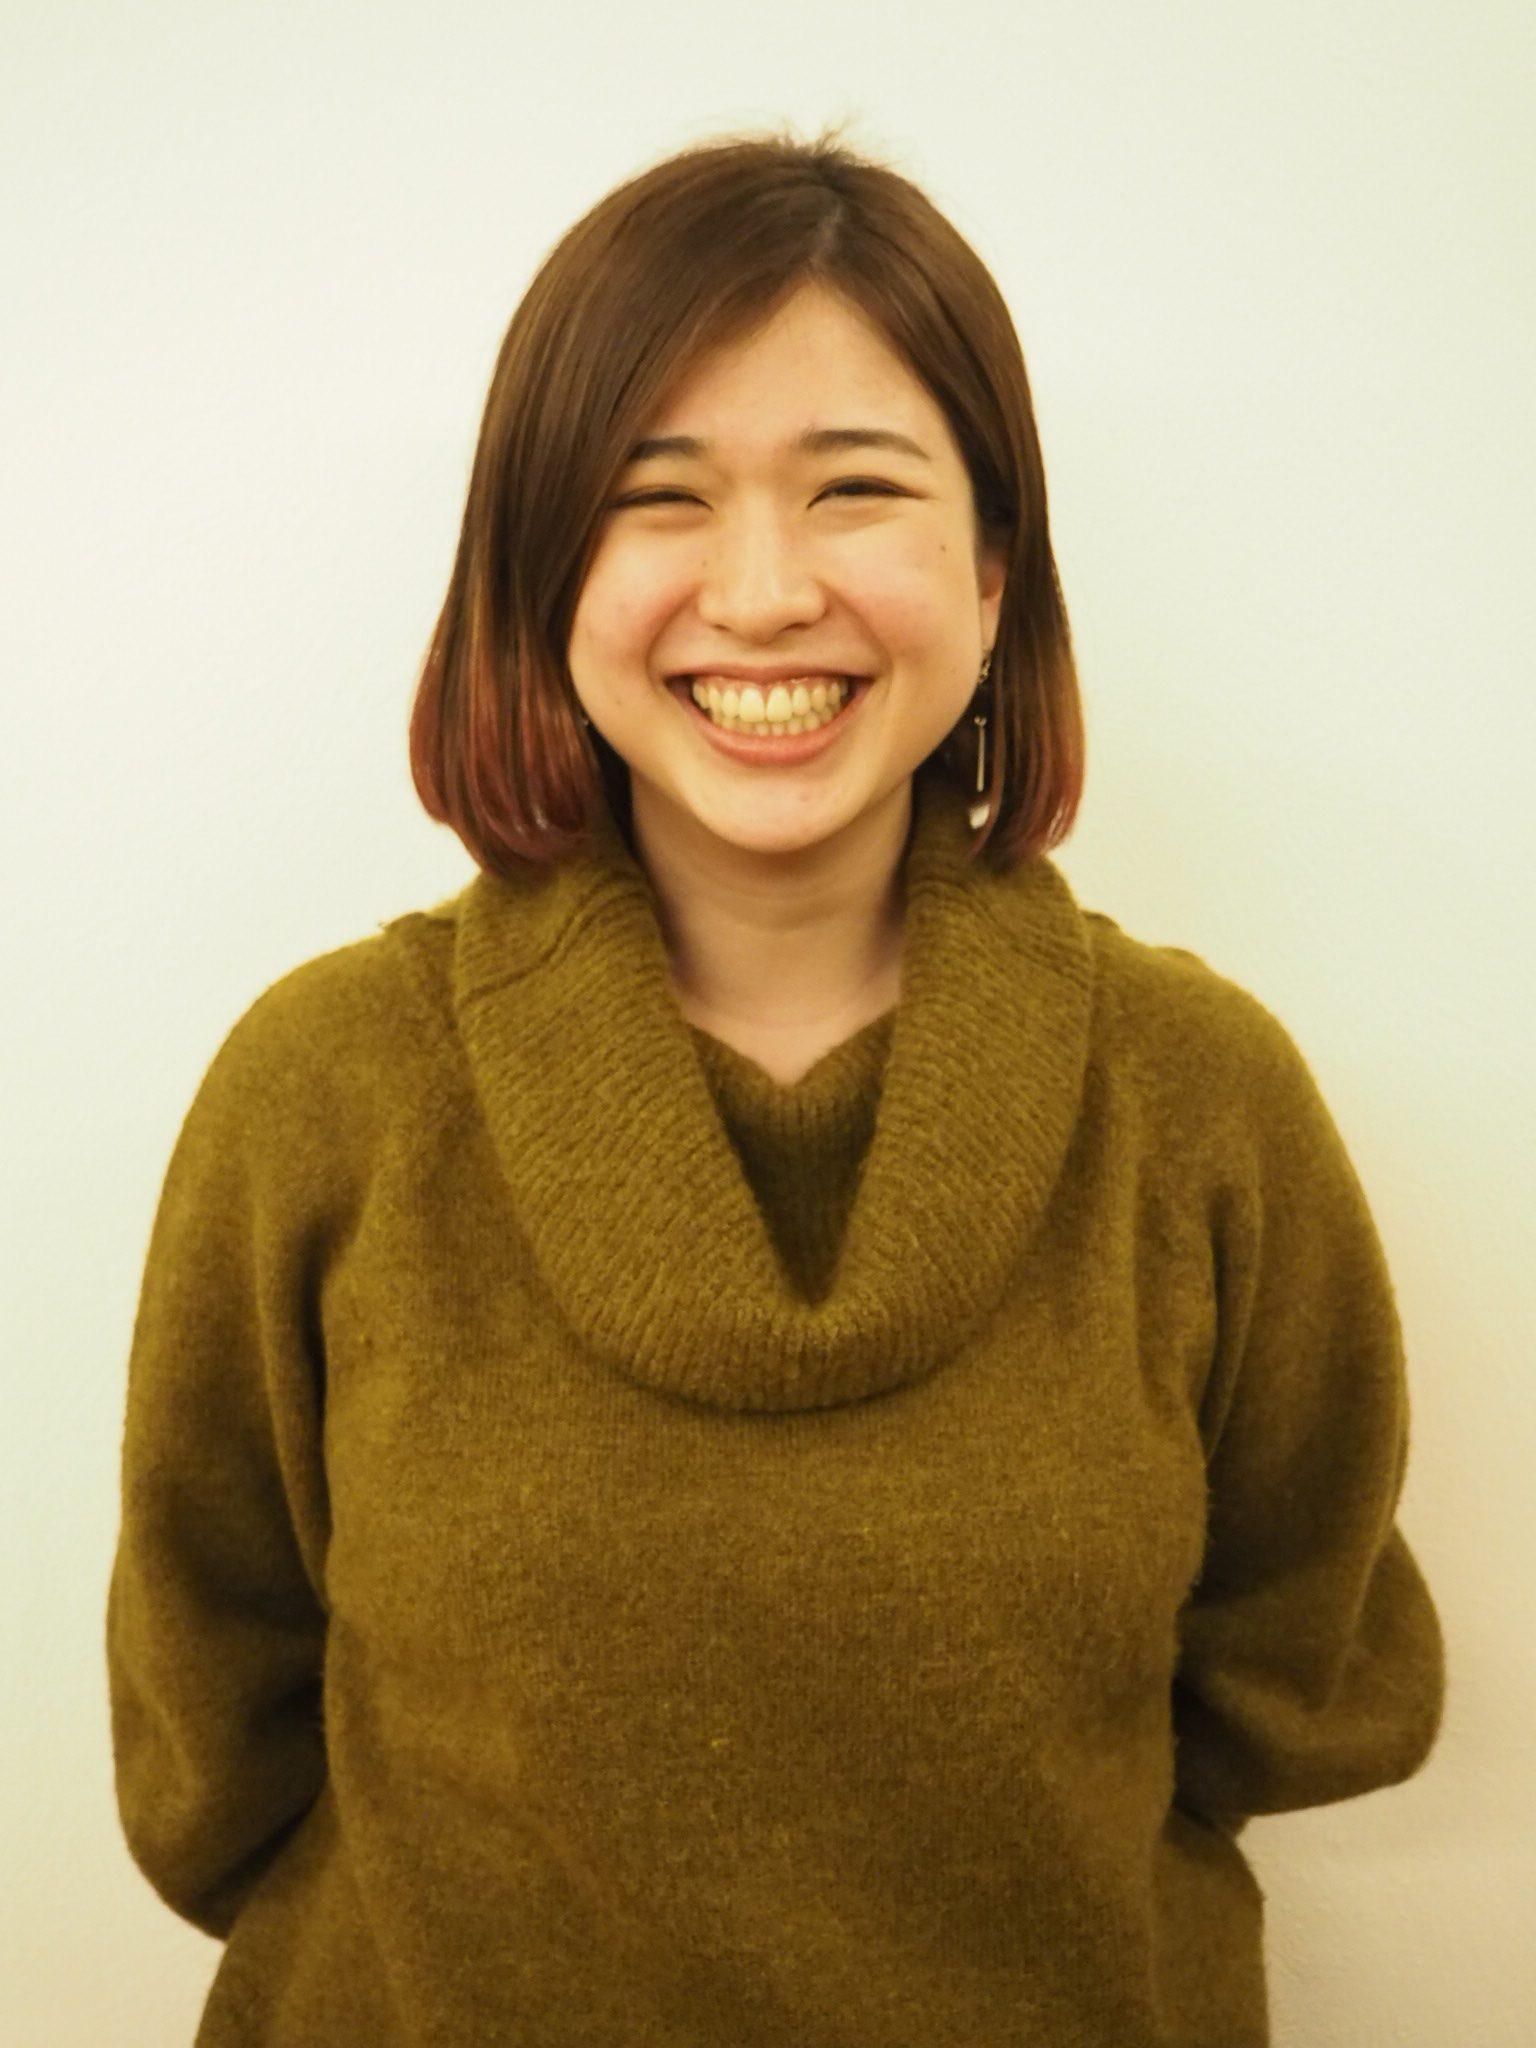 BEYOND CAFE インターン生インタビュー/「自分で自分を認めてあげる」――留学を通して自信を持つことの大切さを学んだ北村優衣さんが、BEYOND CAFEで感じたこと